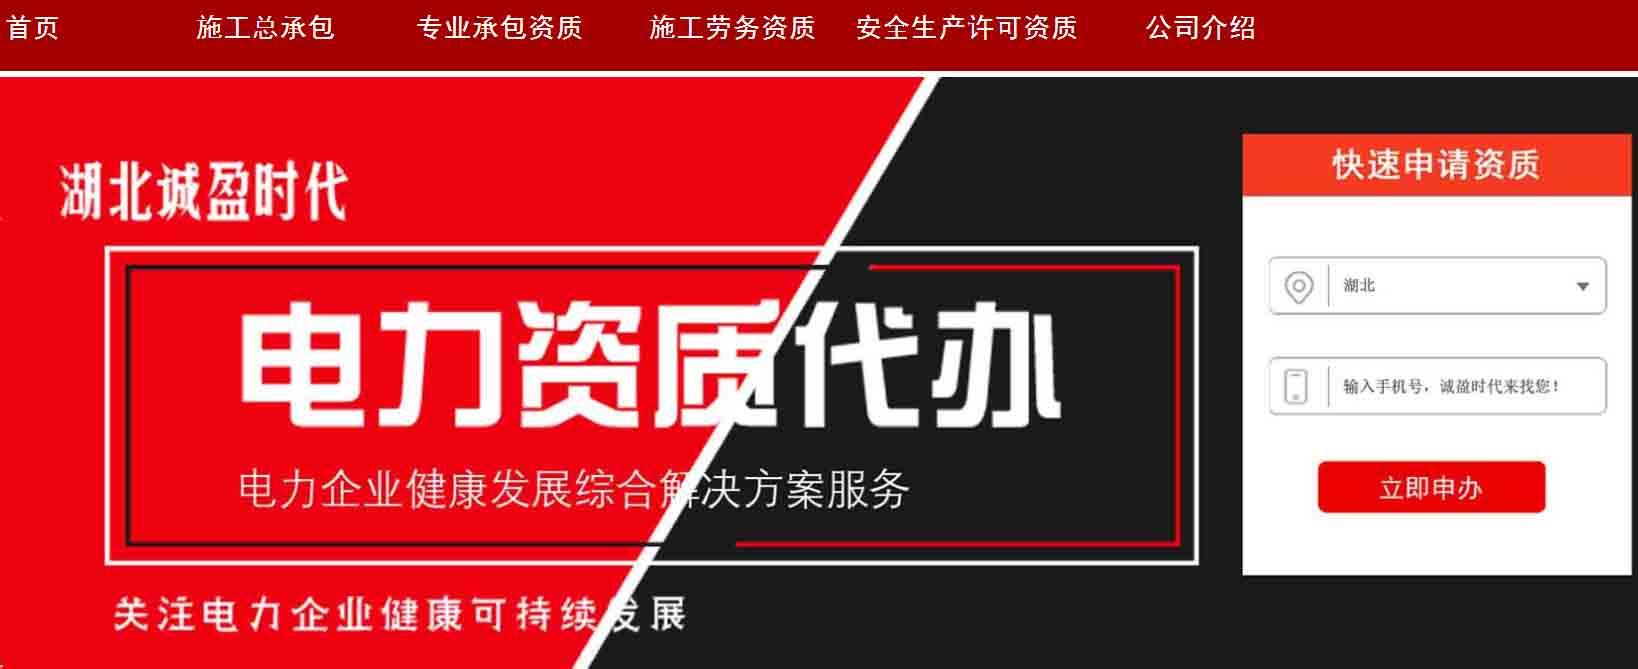 案例:湖北诚盈时代网站设计